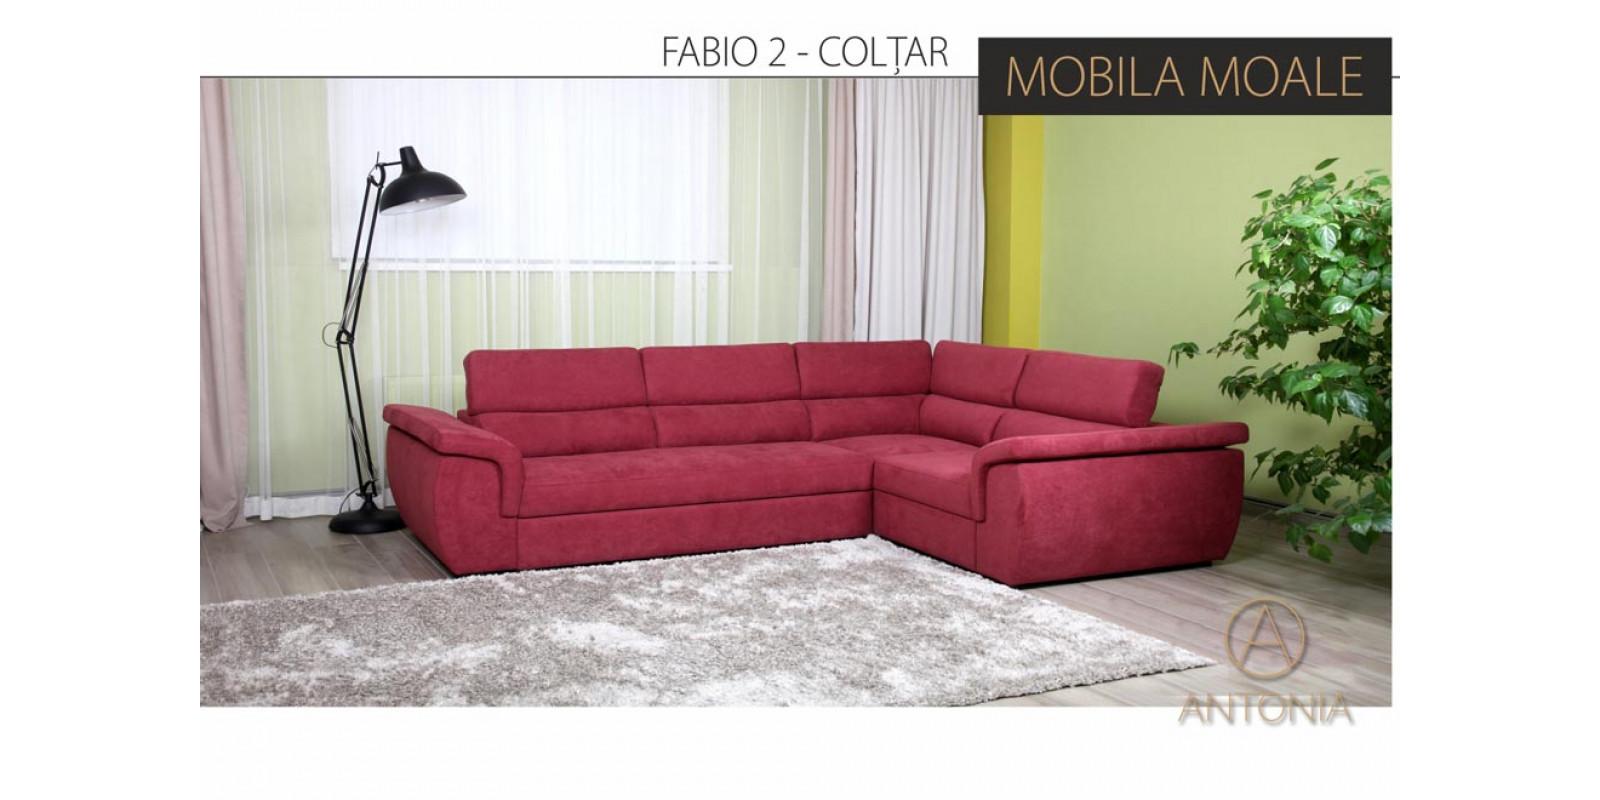 Угловой диван Fabio 2